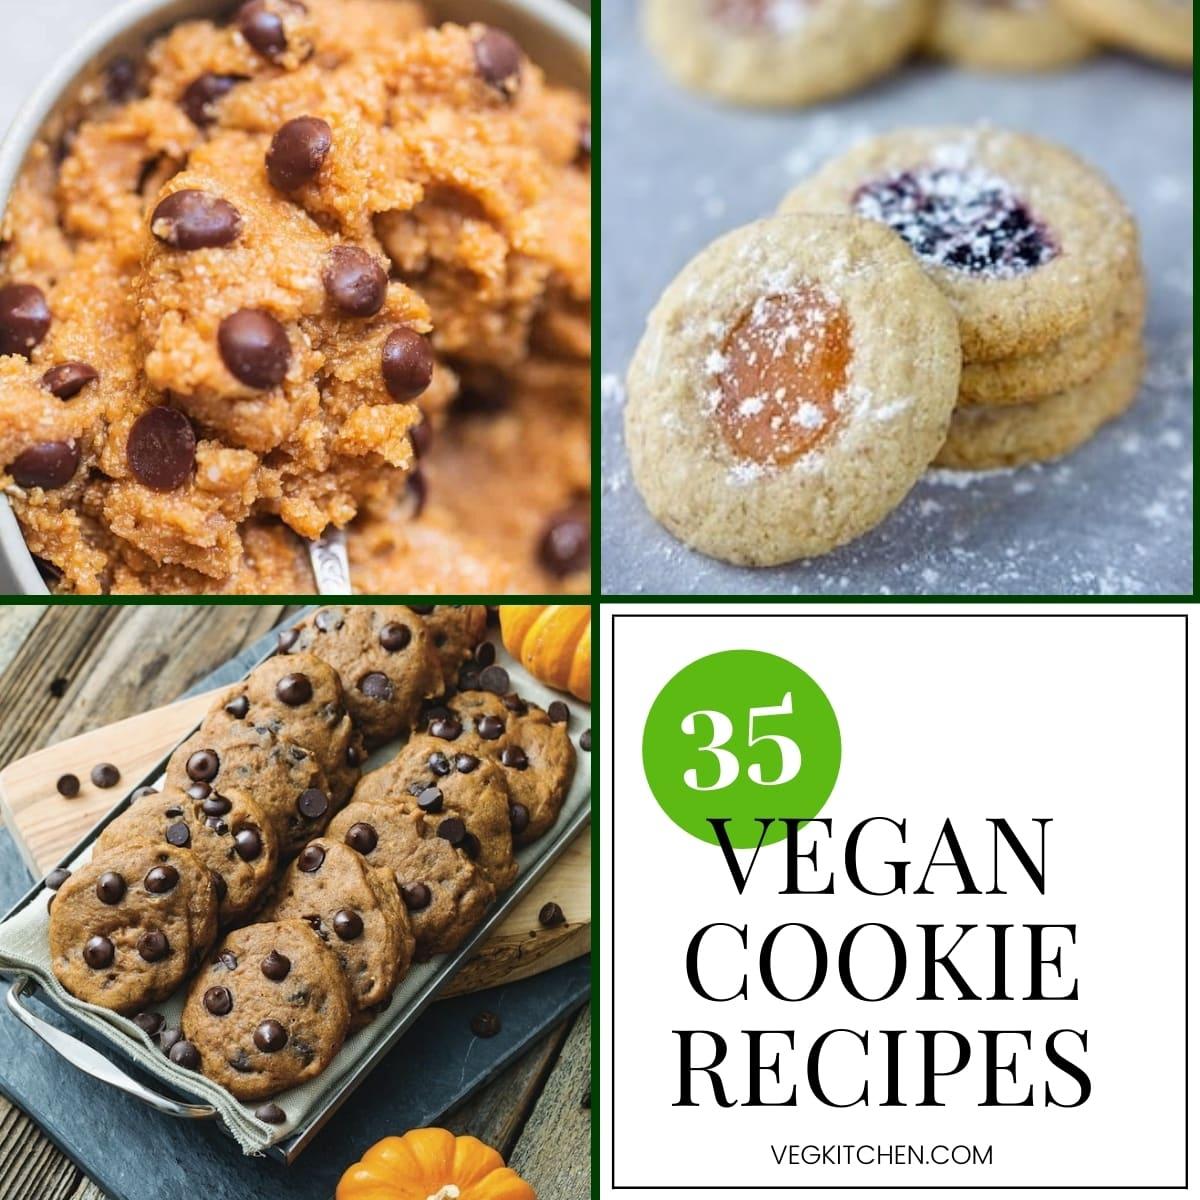 35 vegan cookie recipes